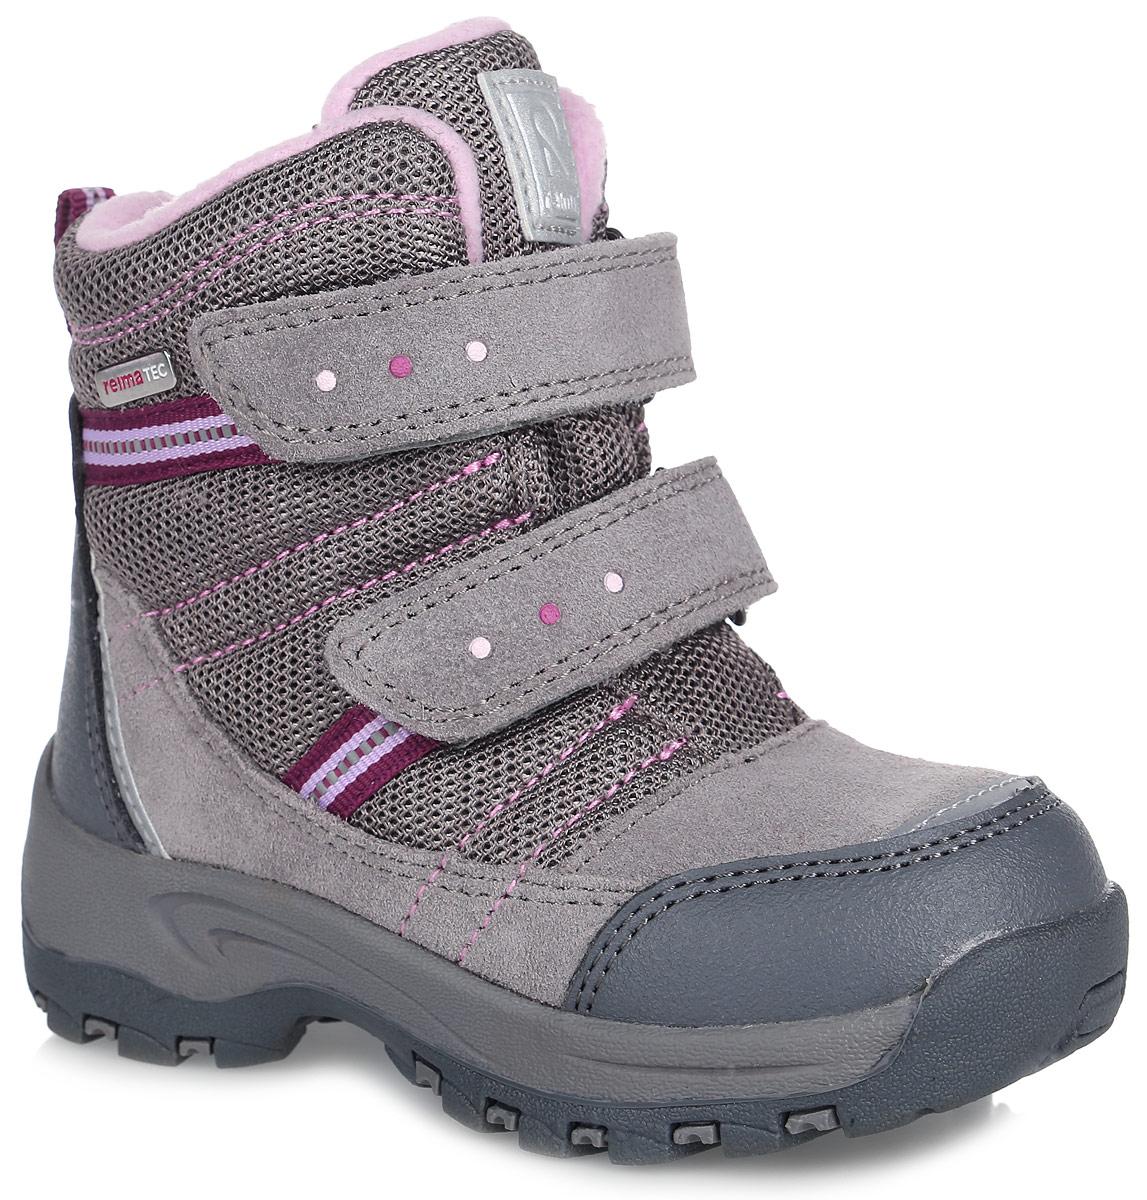 Ботинки569289-9390Удобные и модные детские ботинки Reimatec Visby от Reima - отличная модель для повседневной носки! Верх модели выполнен из плотного текстиля, натуральной замши и искусственной кожи. Обувь оформлена контрастной прострочкой, металлической пластиной с гравировкой названия бренда и логотипом бренда на заднике и язычке. В ботинках от Reima дети могут бегать и прыгать по слякоти и снегу и гарантированно останутся сухими за счет водонепроницаемой конструкции и подкладки с запаянными швами. Подкладка выполнена из искусственного меха и байки в верхней части изделия, что позволит сохранить ноги в тепле. Мягкая стелька комфортна при ходьбе. Два ремешка на застежках-липучках надежно фиксируют модель на ноге. Ярлычок на заднике облегчает надевание обуви. Светоотражающие детали обеспечивают дополнительную безопасность в темное время суток. Резиновая подошва с протектором обеспечивает отличное сцепление с любой поверхностью. Удобные ботинки придутся по душе вам и вашему...